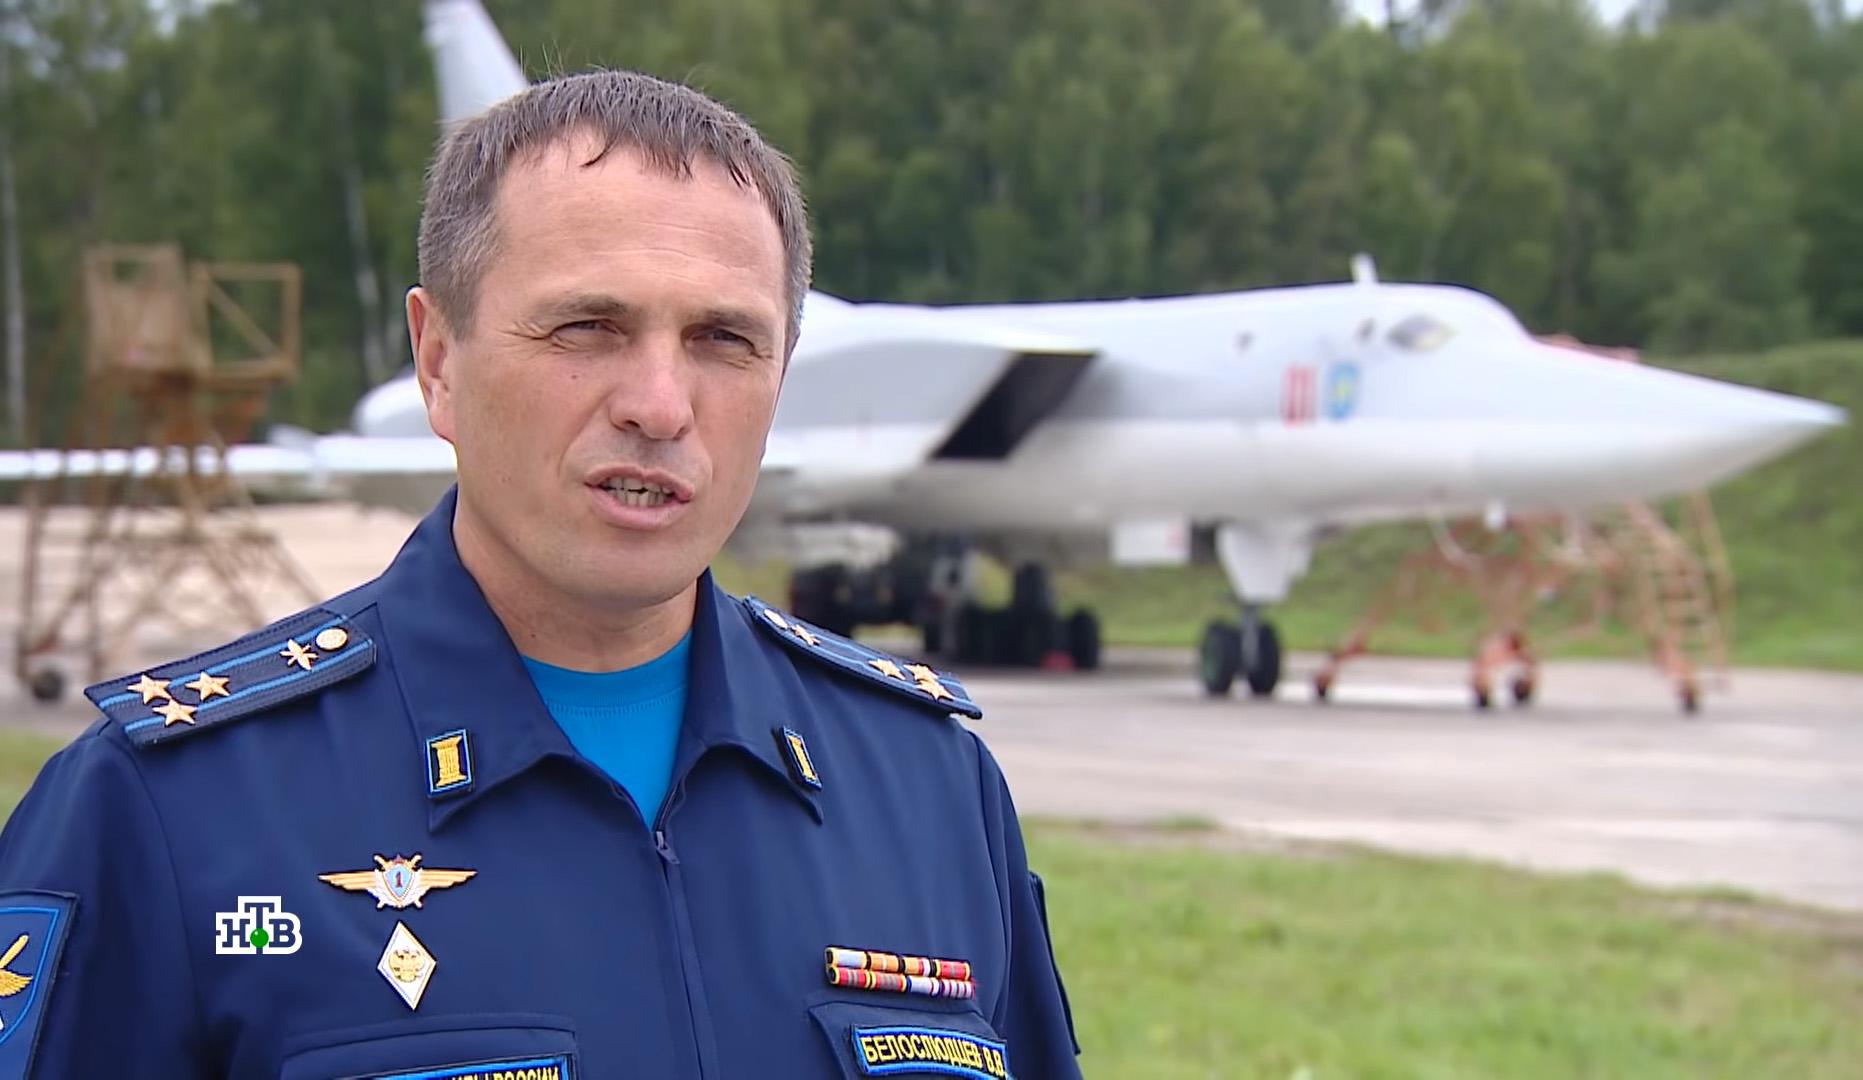 Tu-22M3-hendelse av uvanlig art